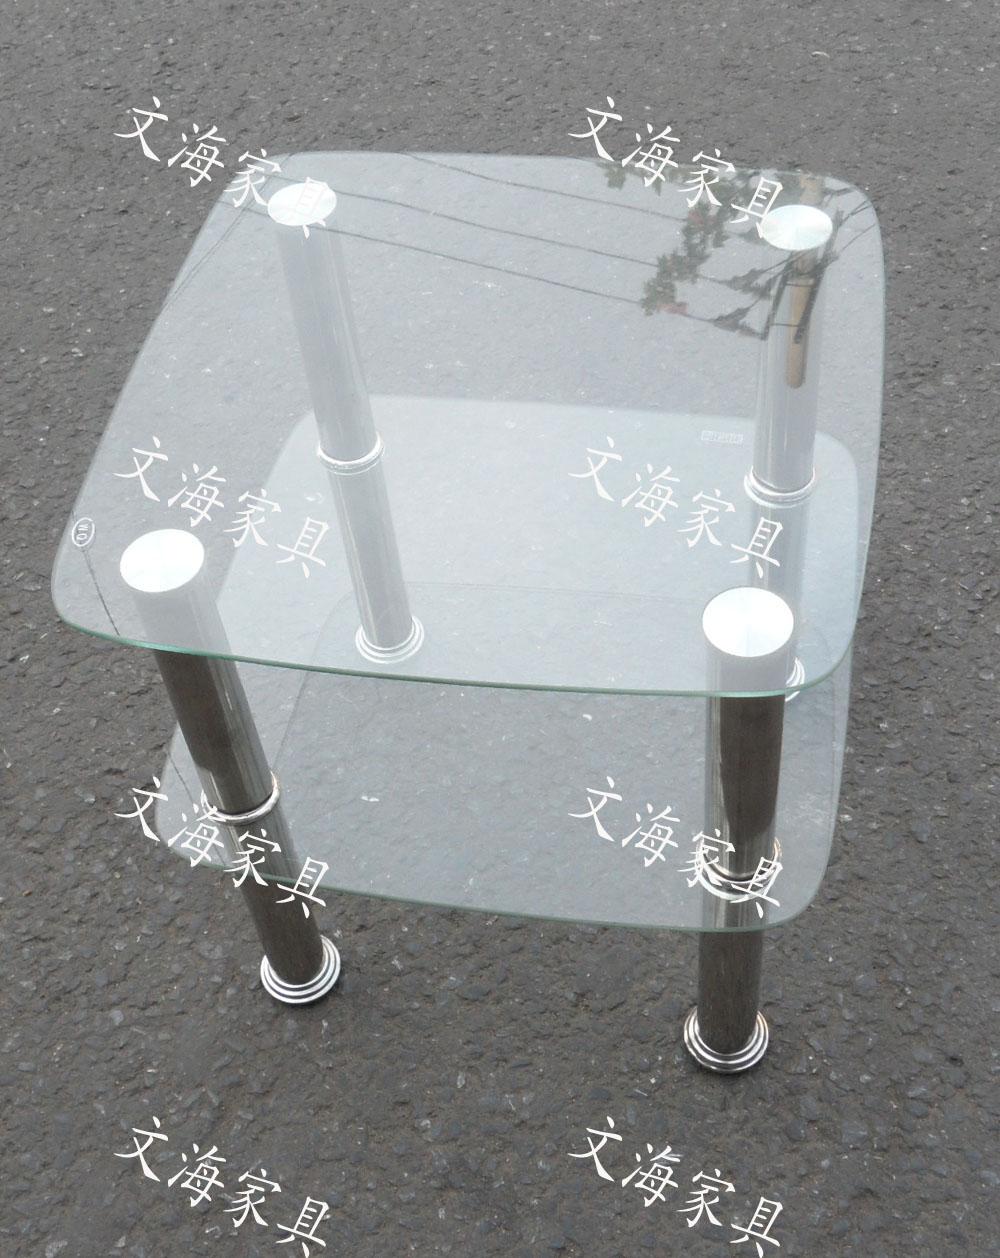 Журнальный столик Закаленное стеклянный журнальный столик